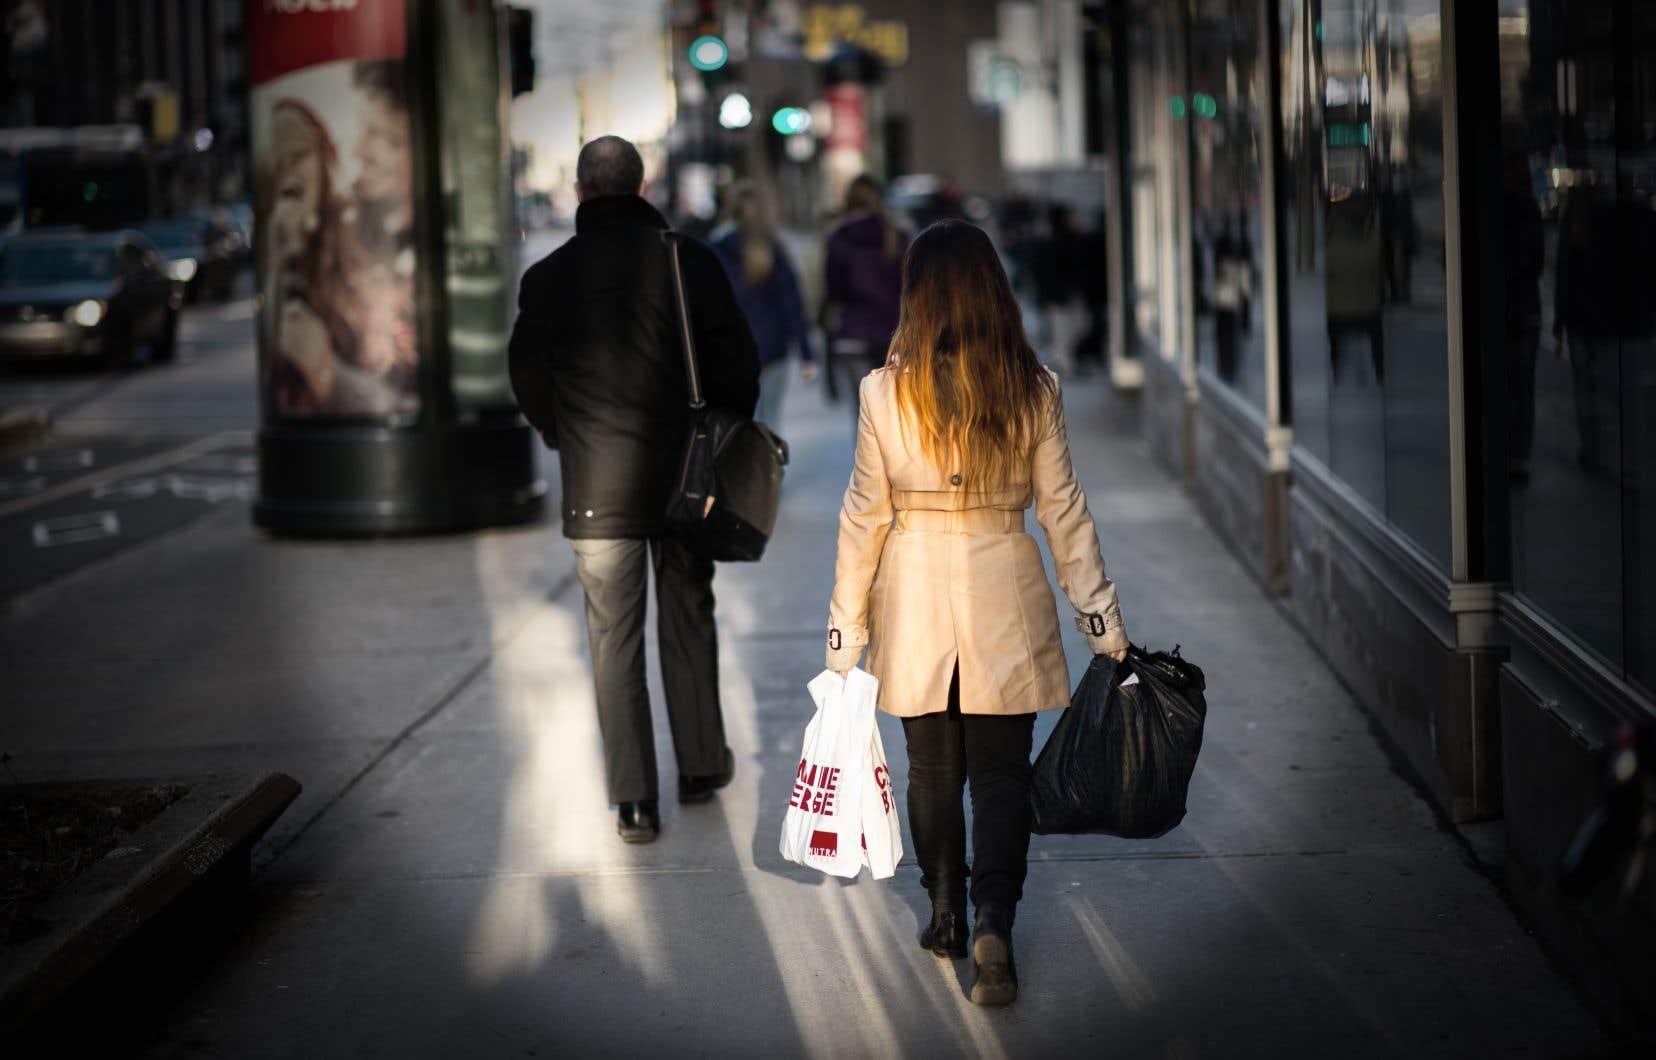 Pour 13% des répondants au sondage, leur revenu est tout simplement trop bas et ils s'enfoncent dans l'endettement.